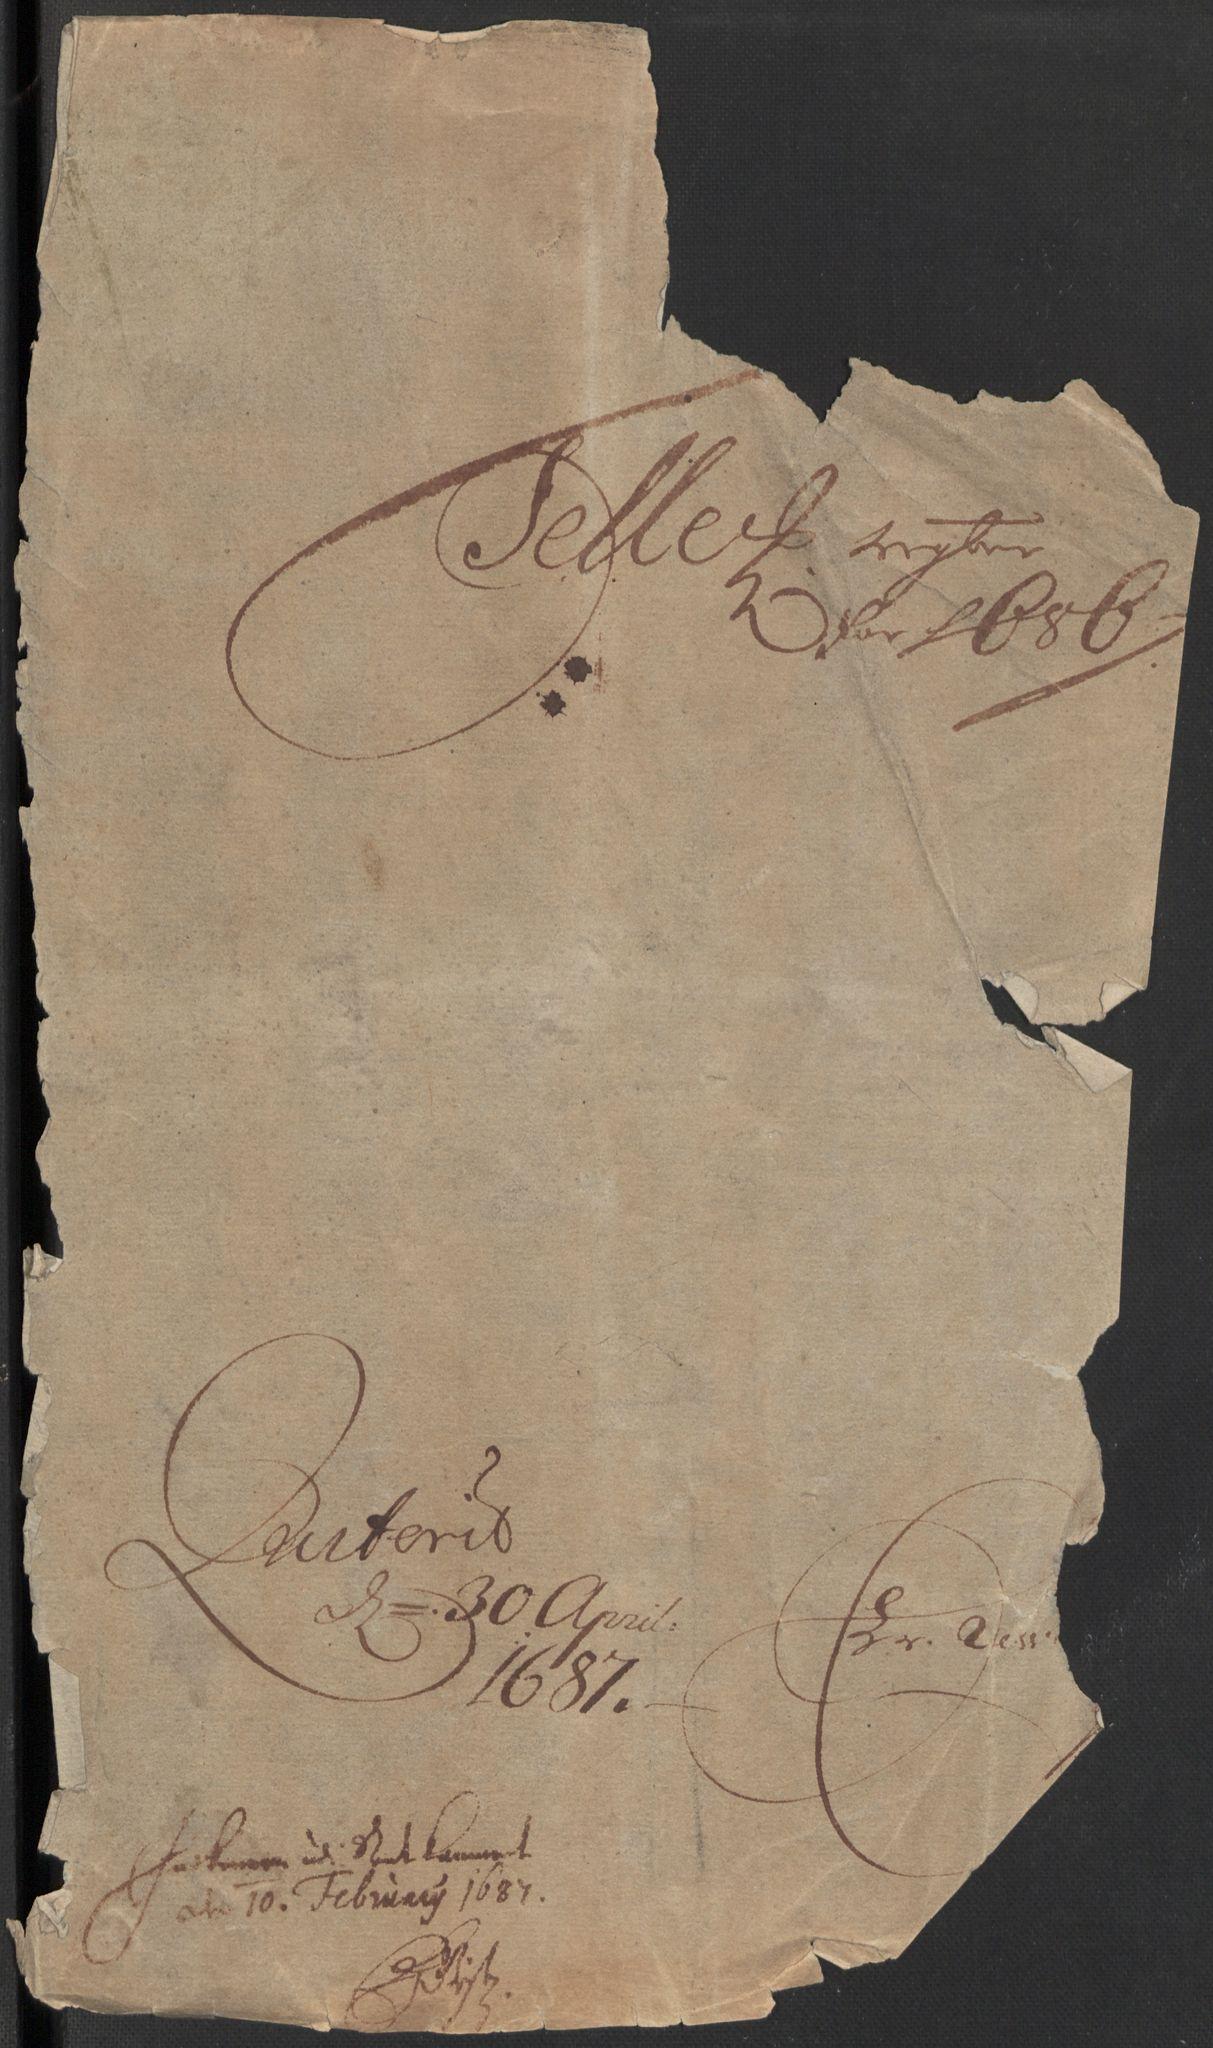 RA, Rentekammeret inntil 1814, Reviderte regnskaper, Fogderegnskap, R35/L2083: Fogderegnskap Øvre og Nedre Telemark, 1686, s. 3